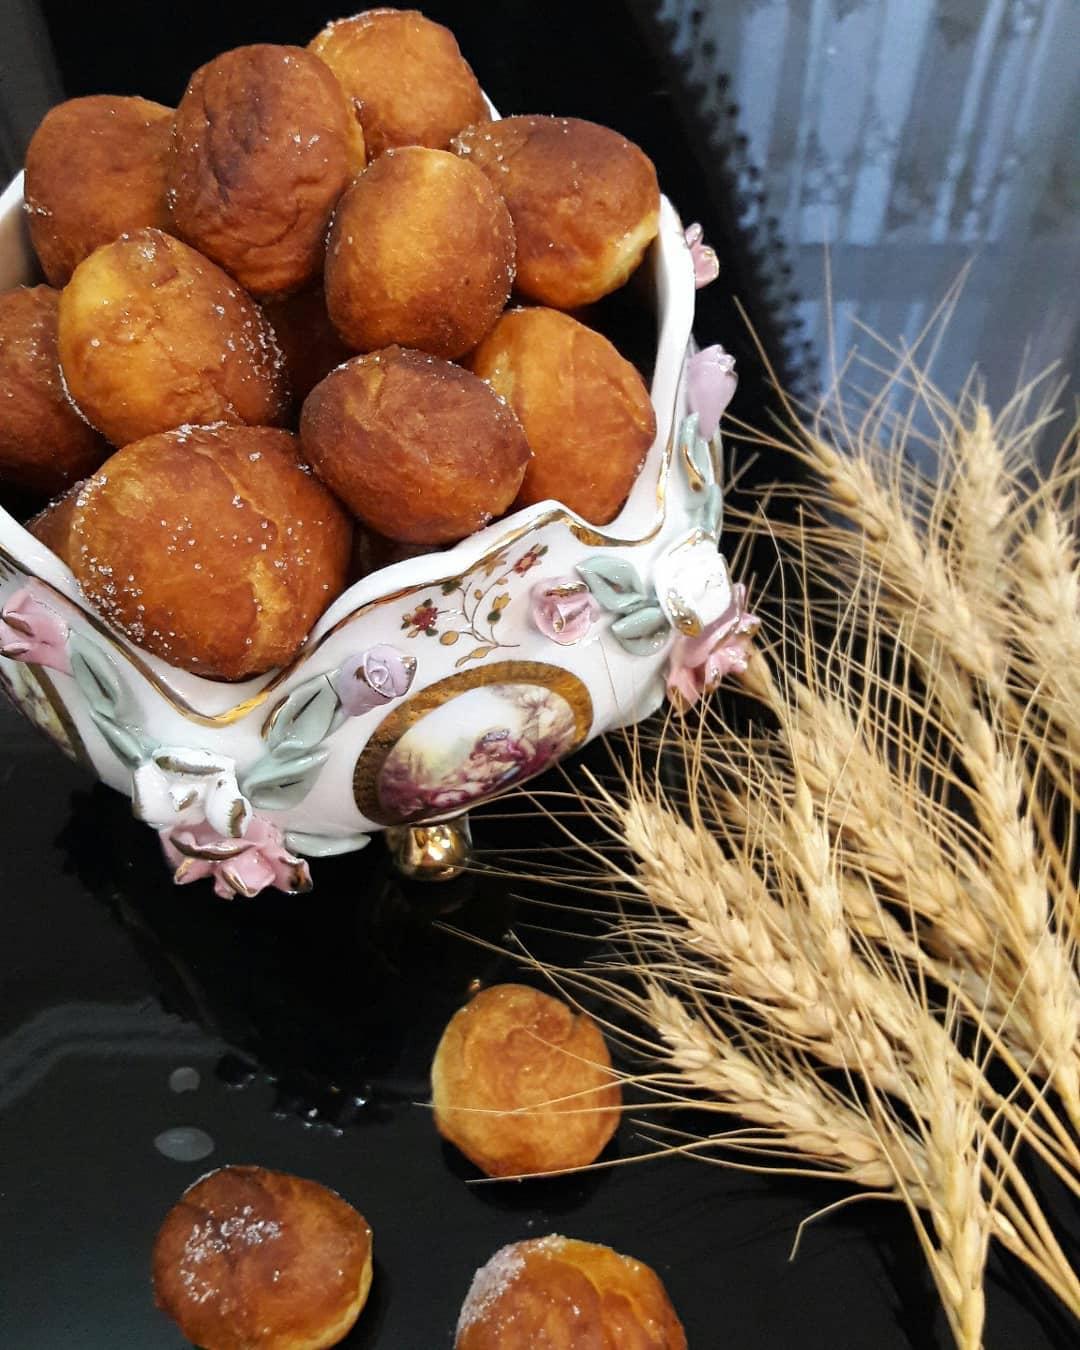 طرز تهیه نان اردک (اگردک) خوشمزه در منزل به روش محلی